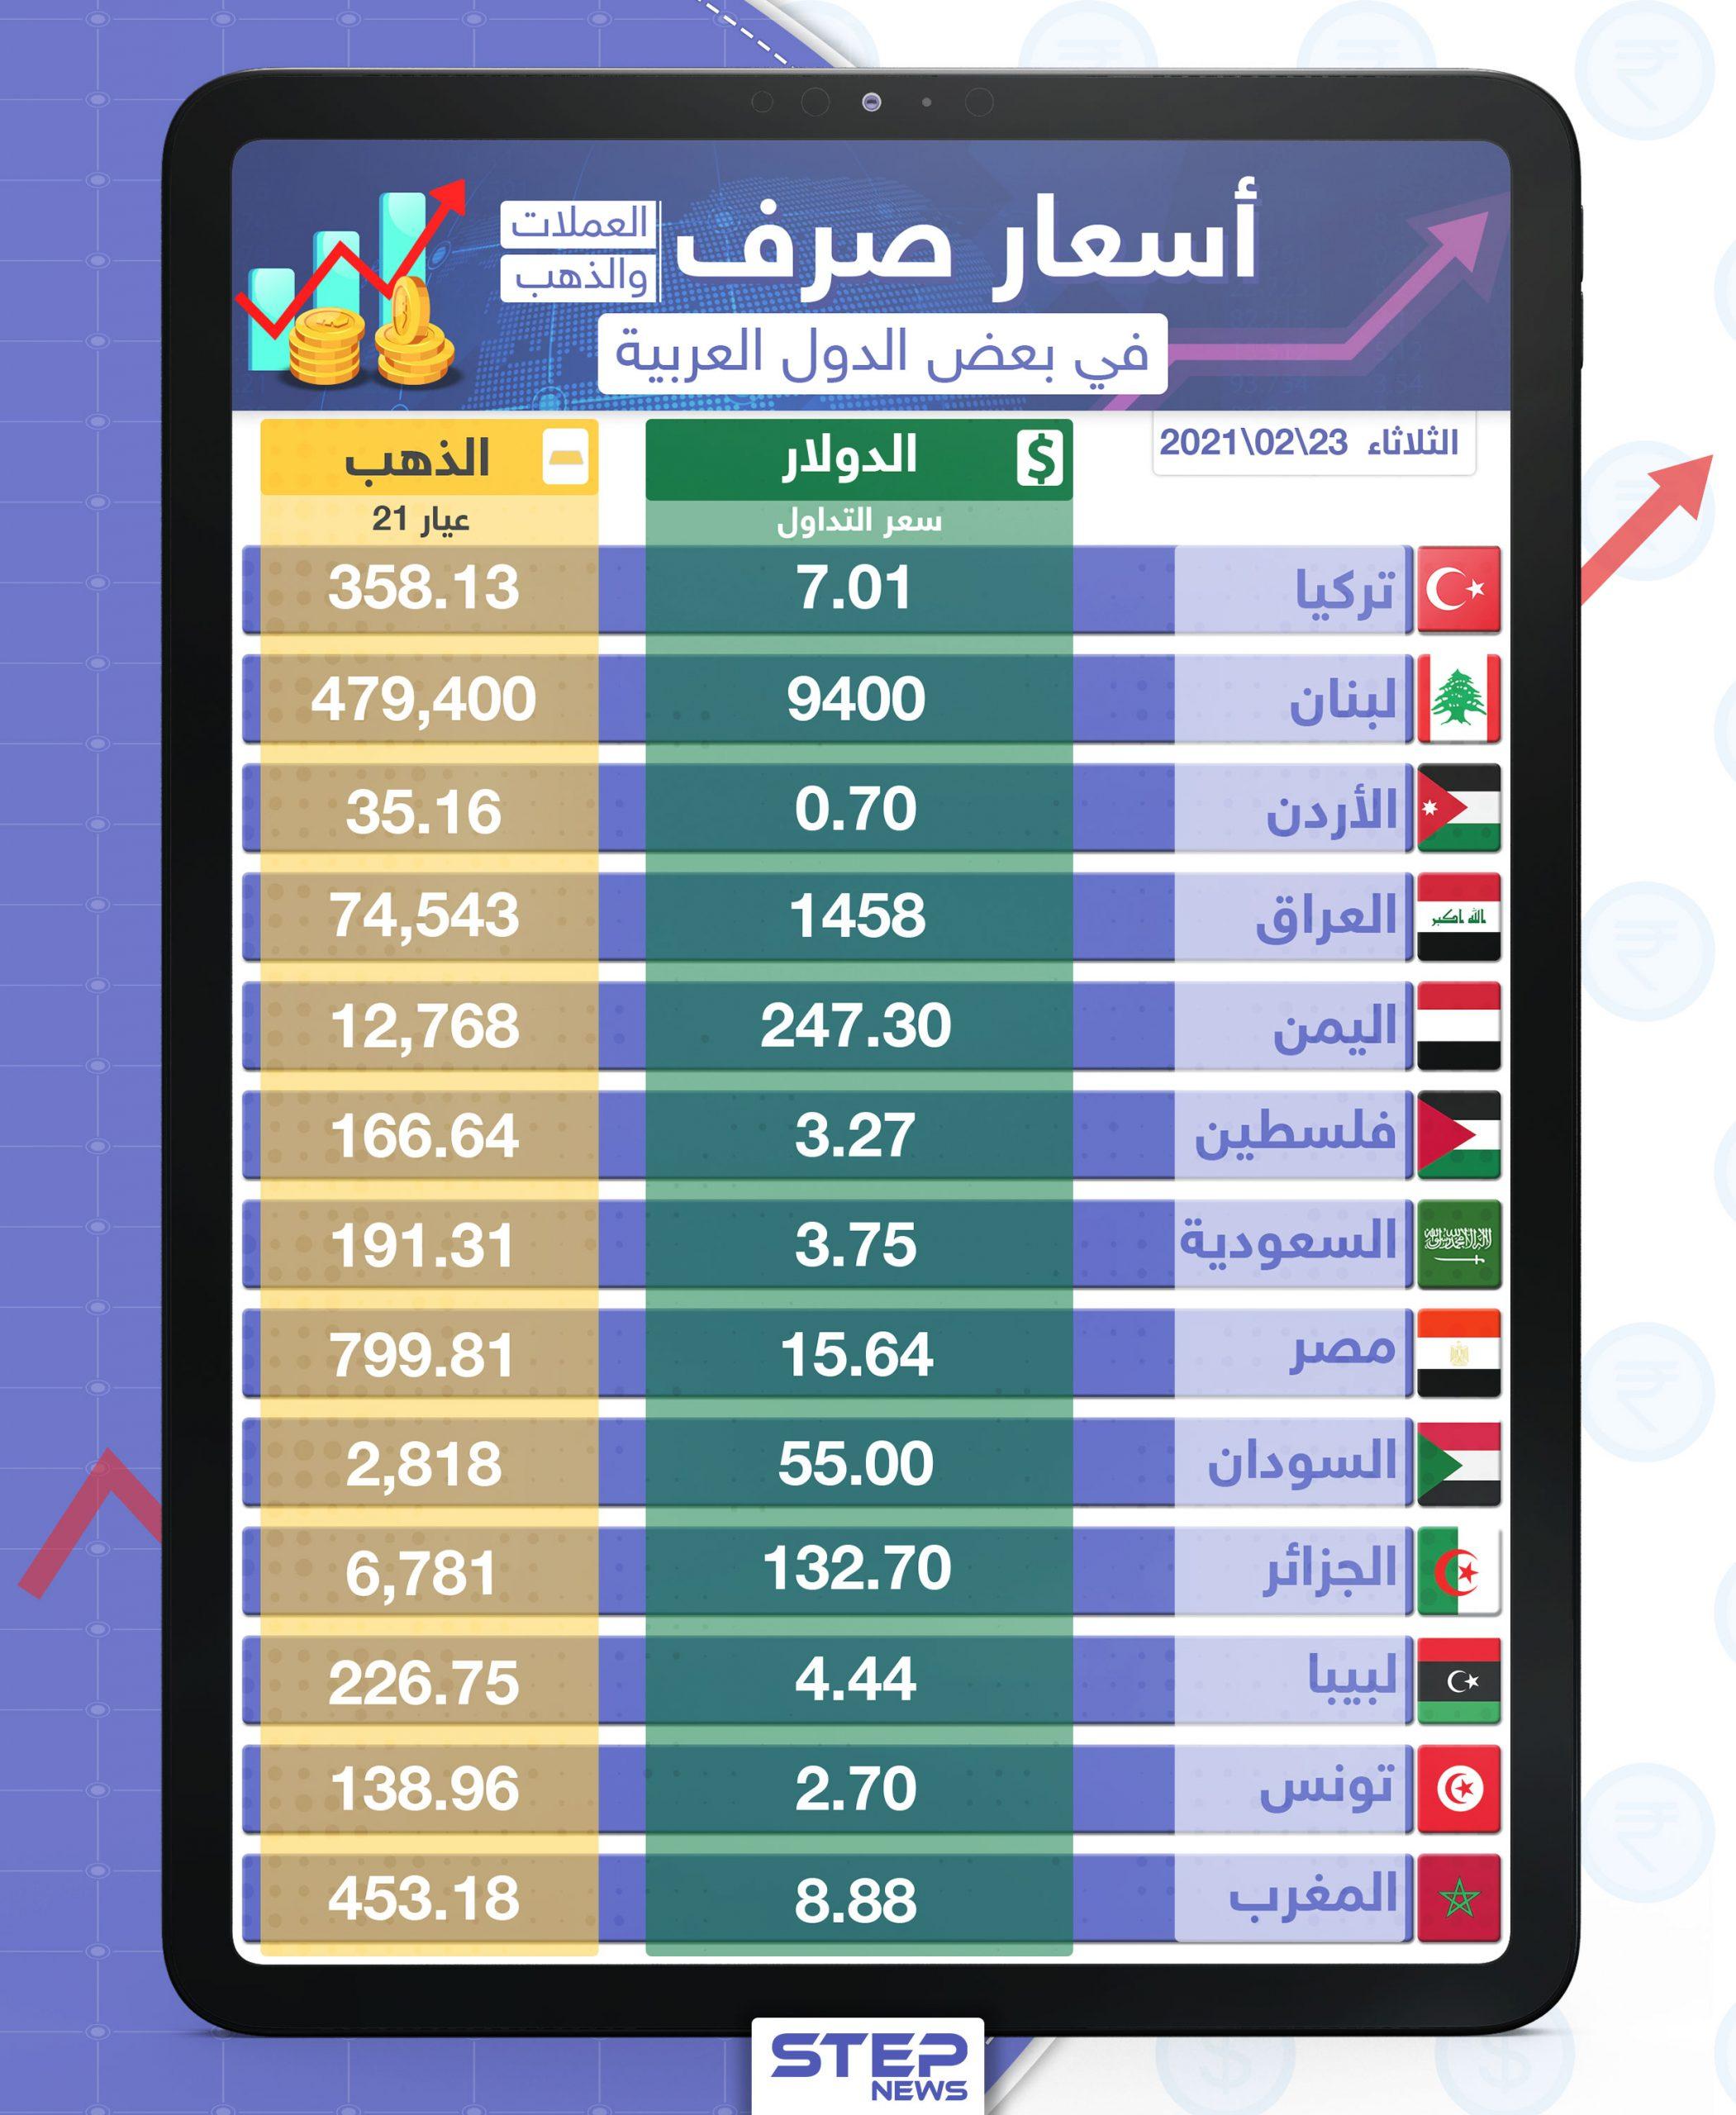 أسعار الذهب والعملات للدول العربية وتركيا اليوم الثلاثاء الموافق 23 شباط 2021